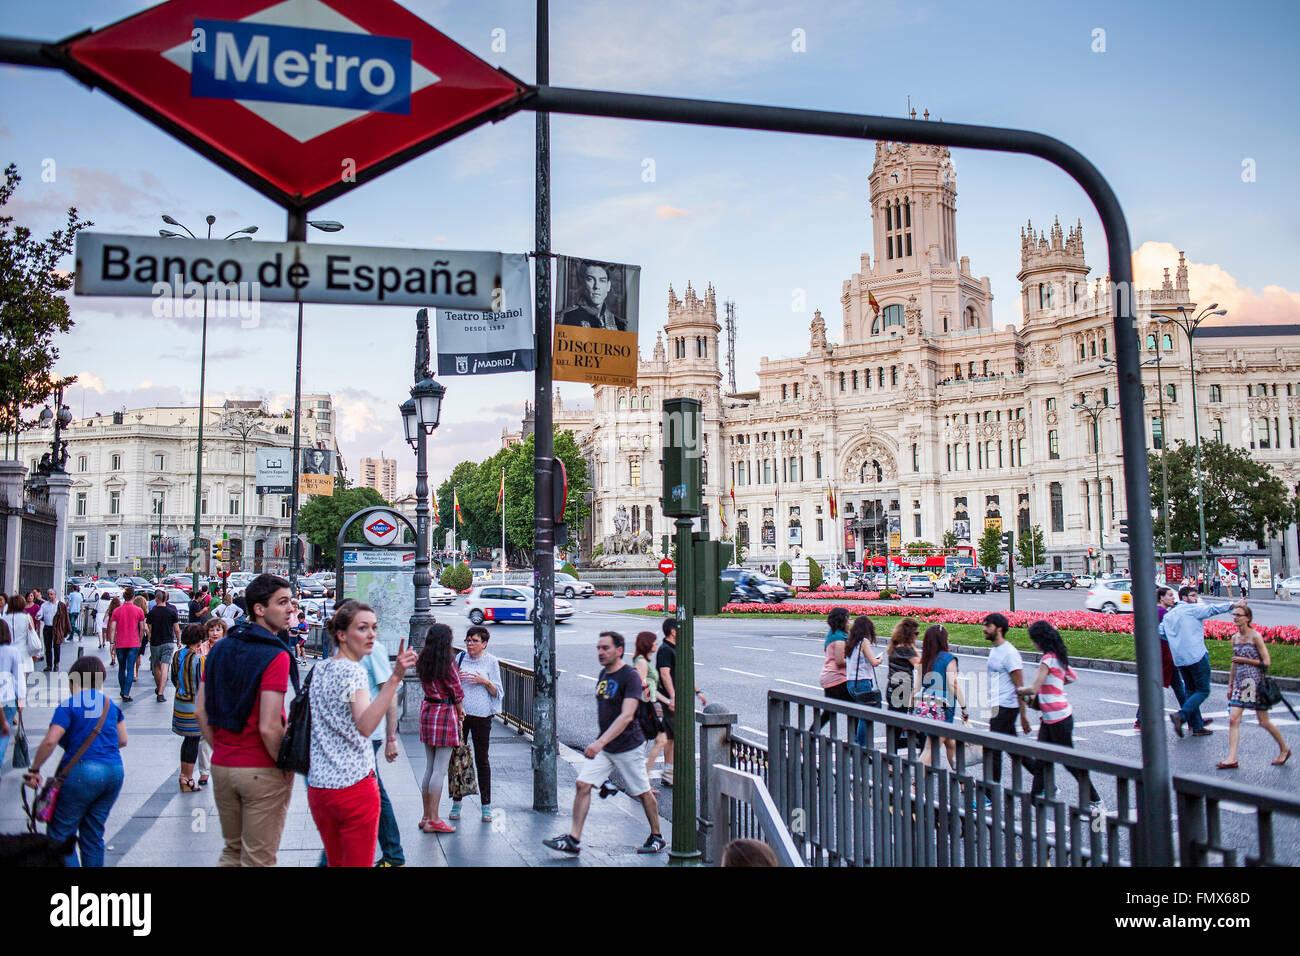 Banco De Espana Metro Station Imágenes De Stock Banco De